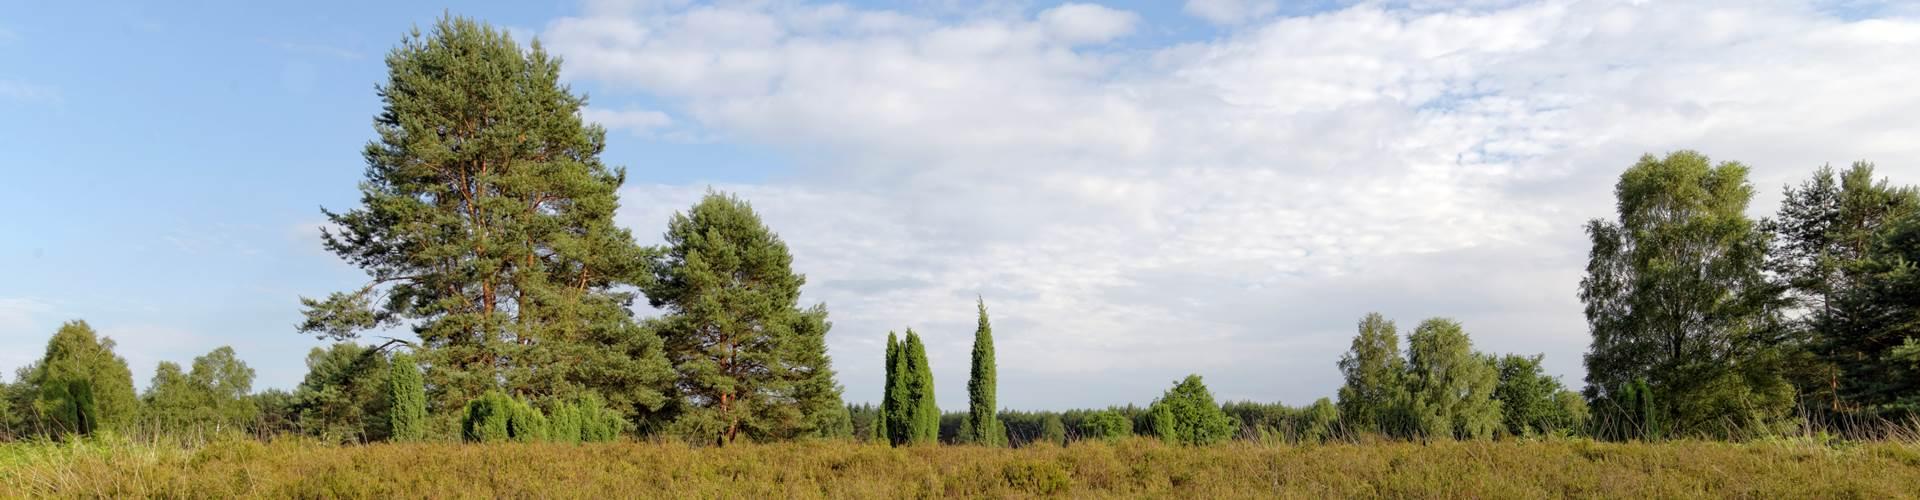 Heide im Sommer